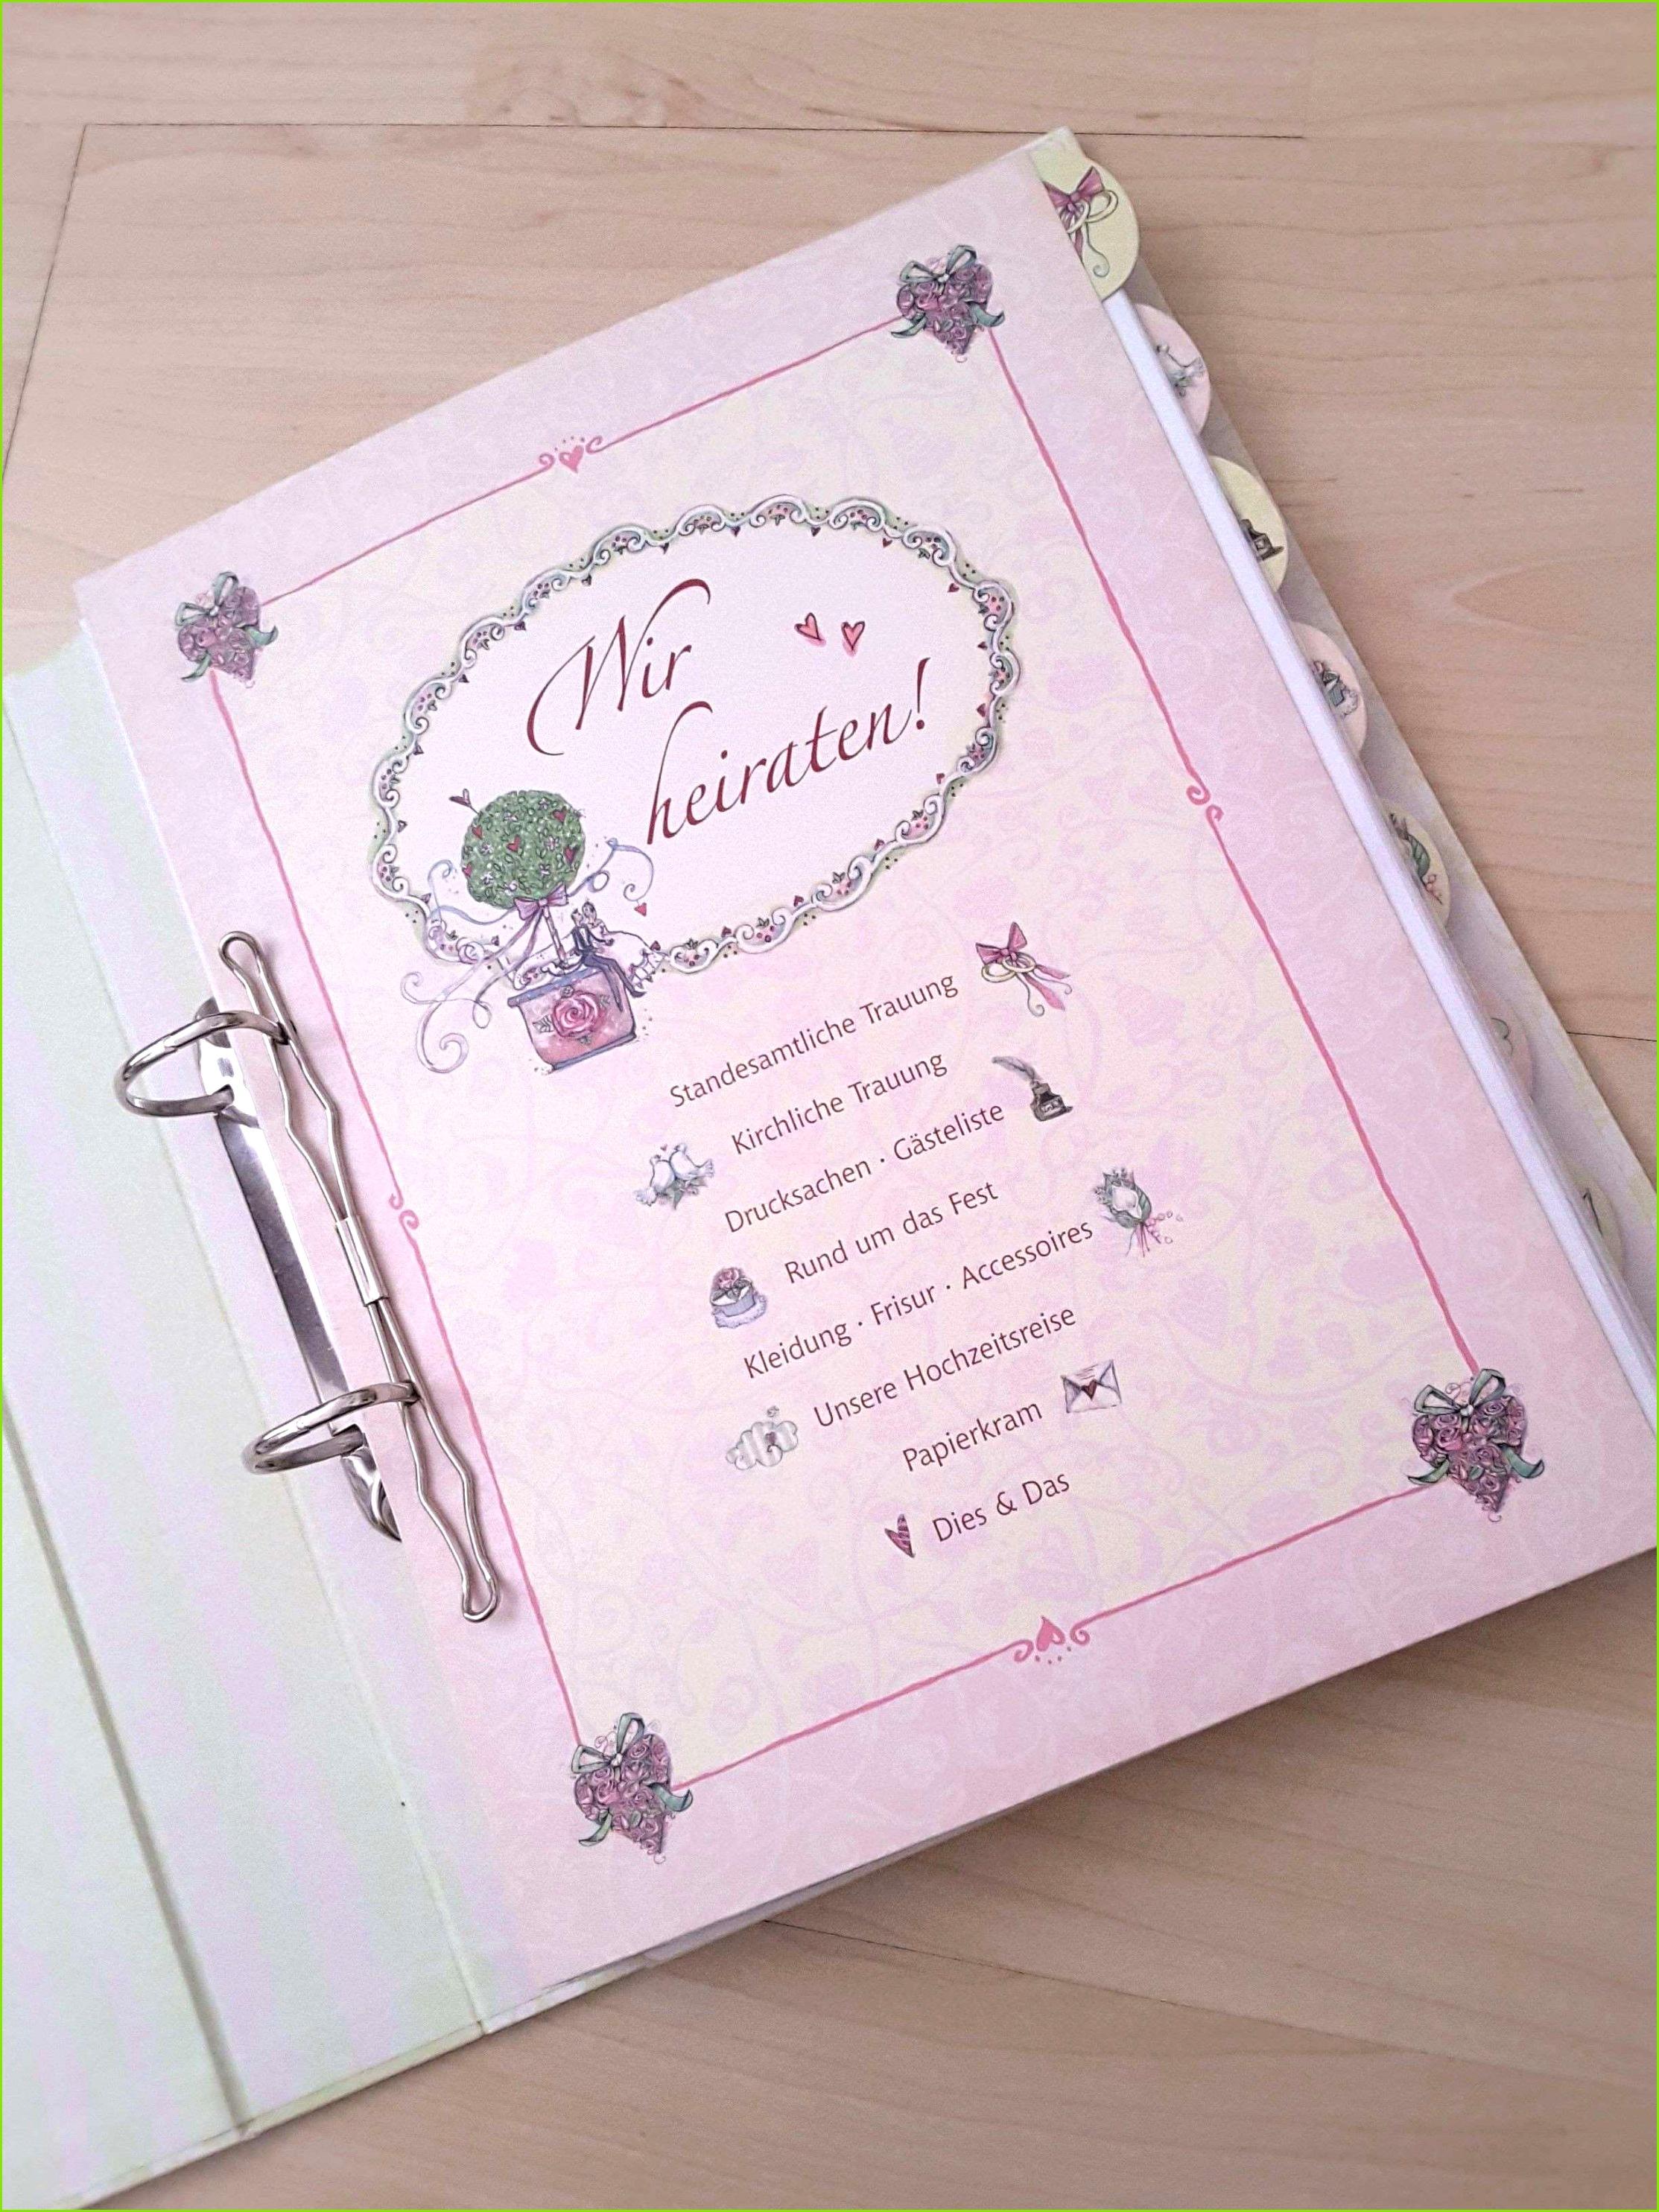 kirchenheft vorlage Galerie Einladung Hochzeit Mal anders Media Image 0d 59 82 Hochzeitsordner